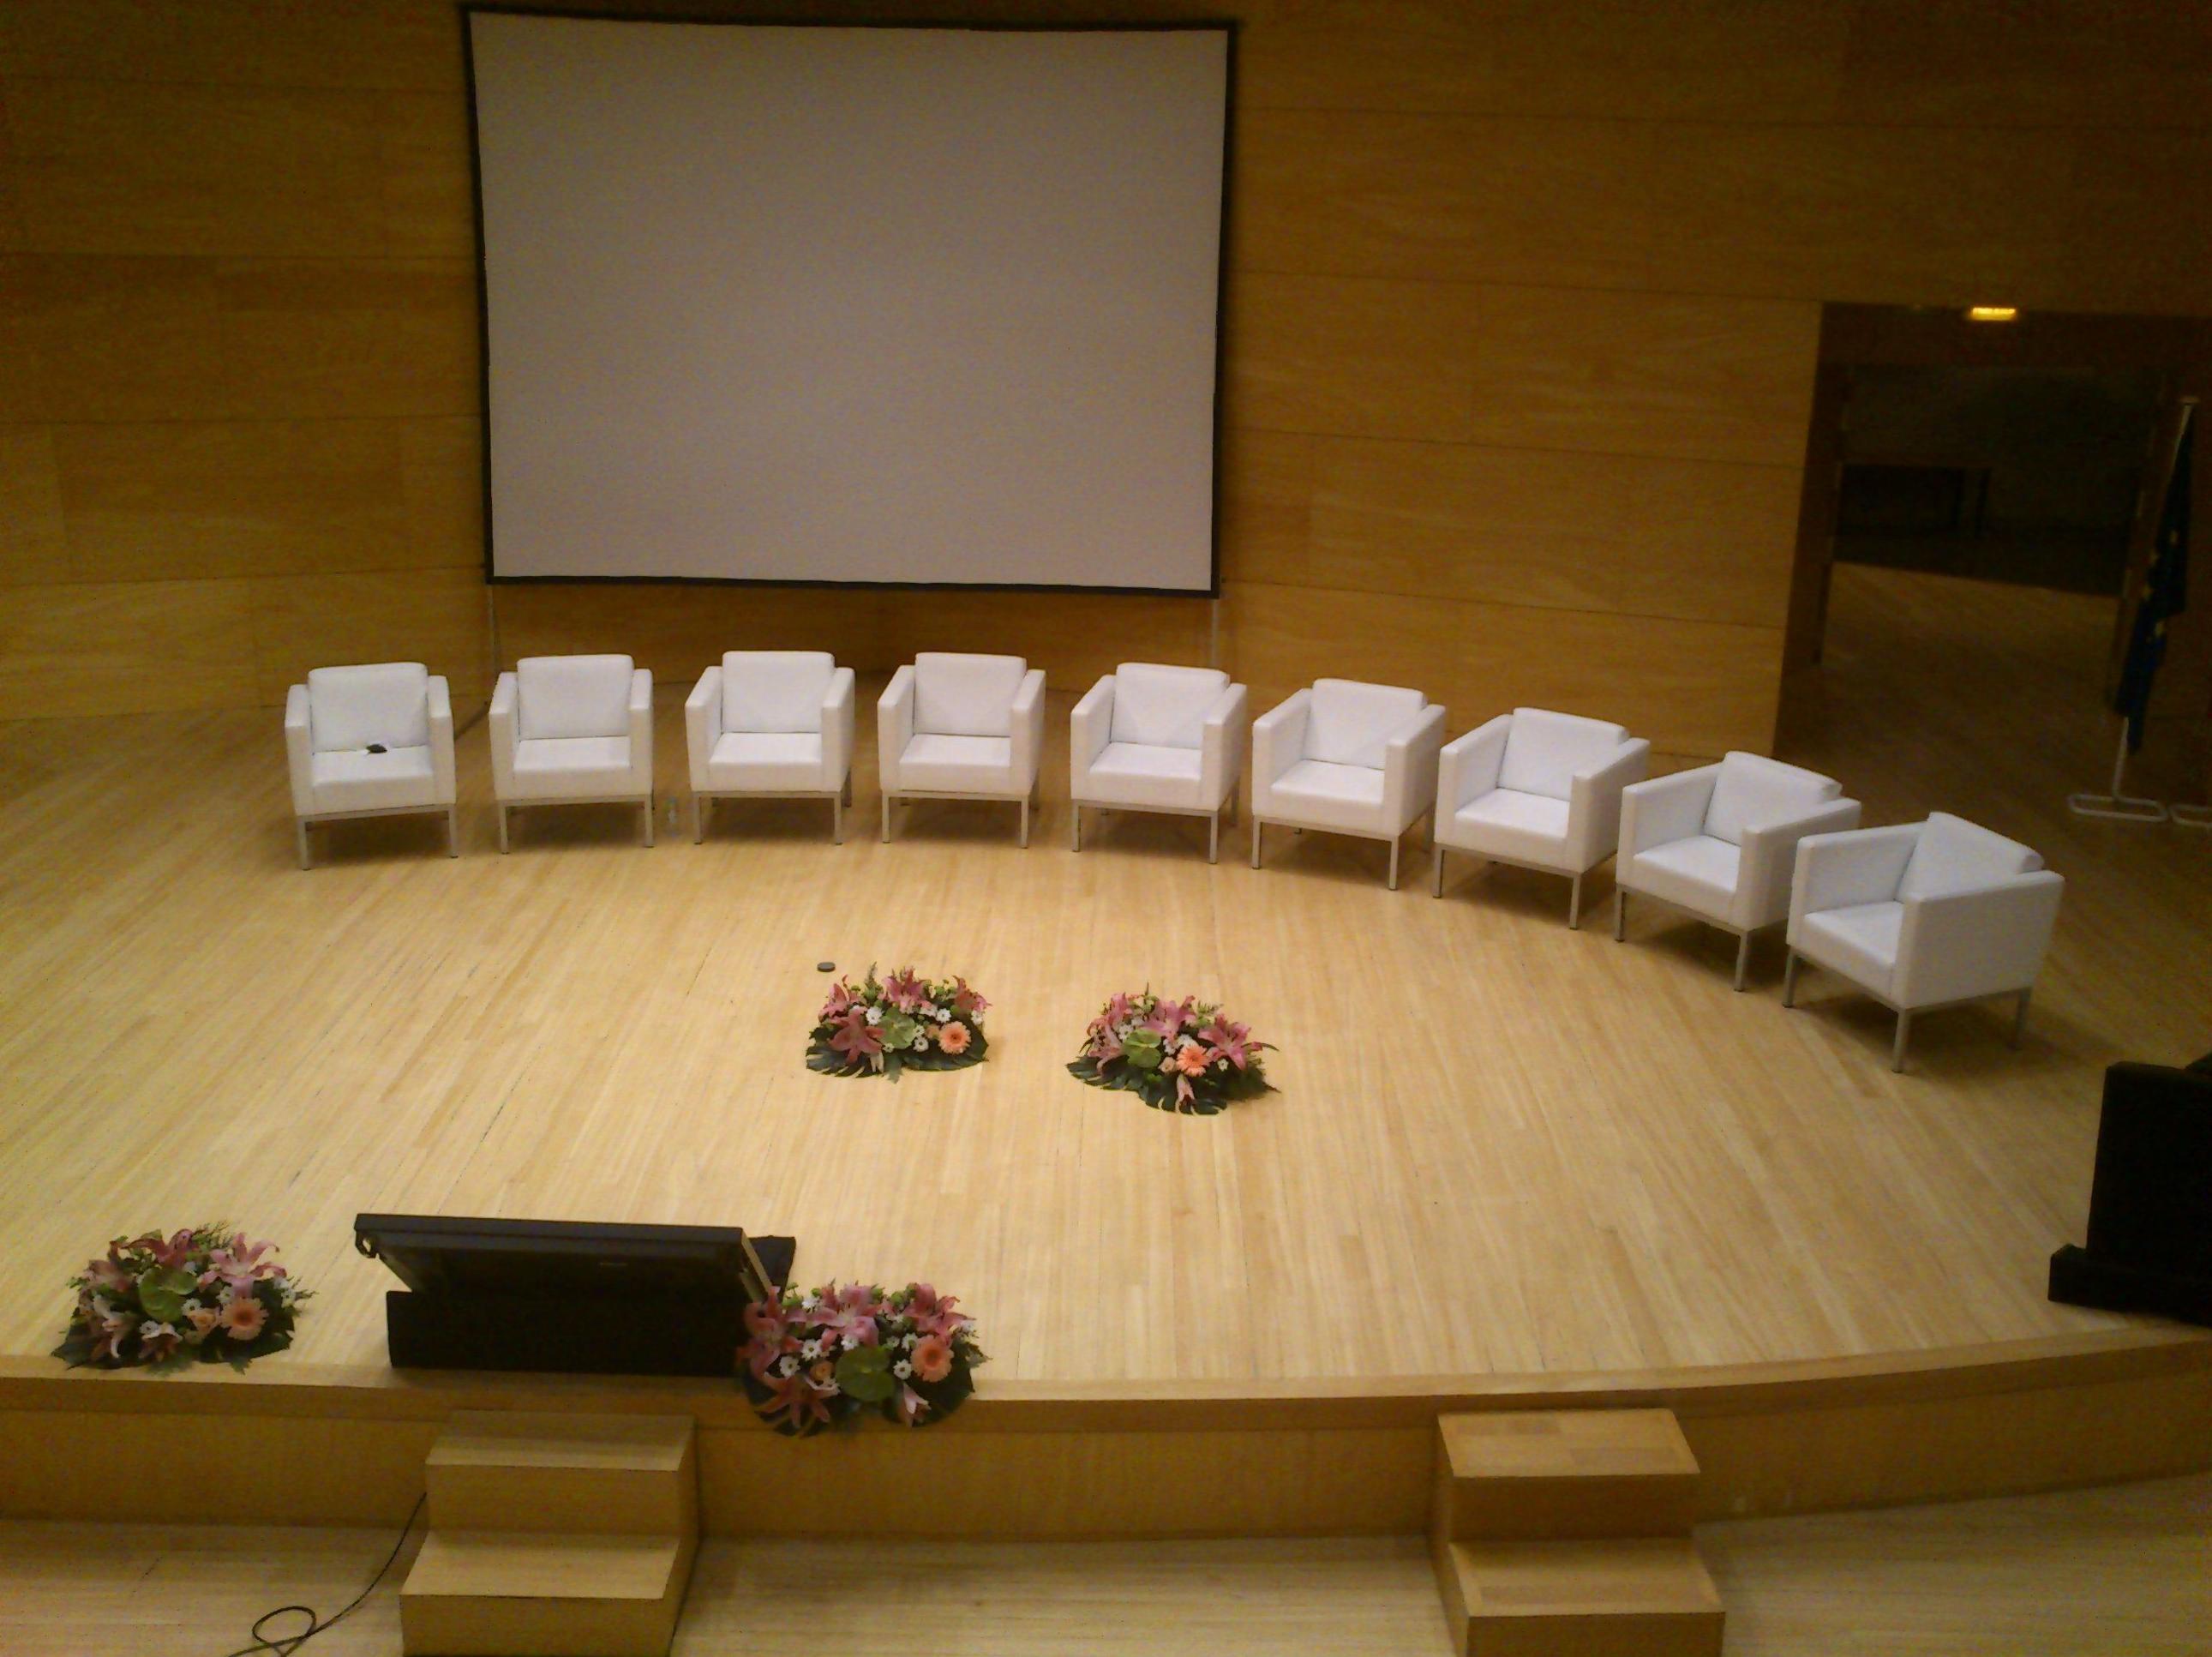 Foto 13 de Alquiler de sillas, mesas y menaje en Zaragoza | Stuhl Ibérica Alquiler de Mobiliario